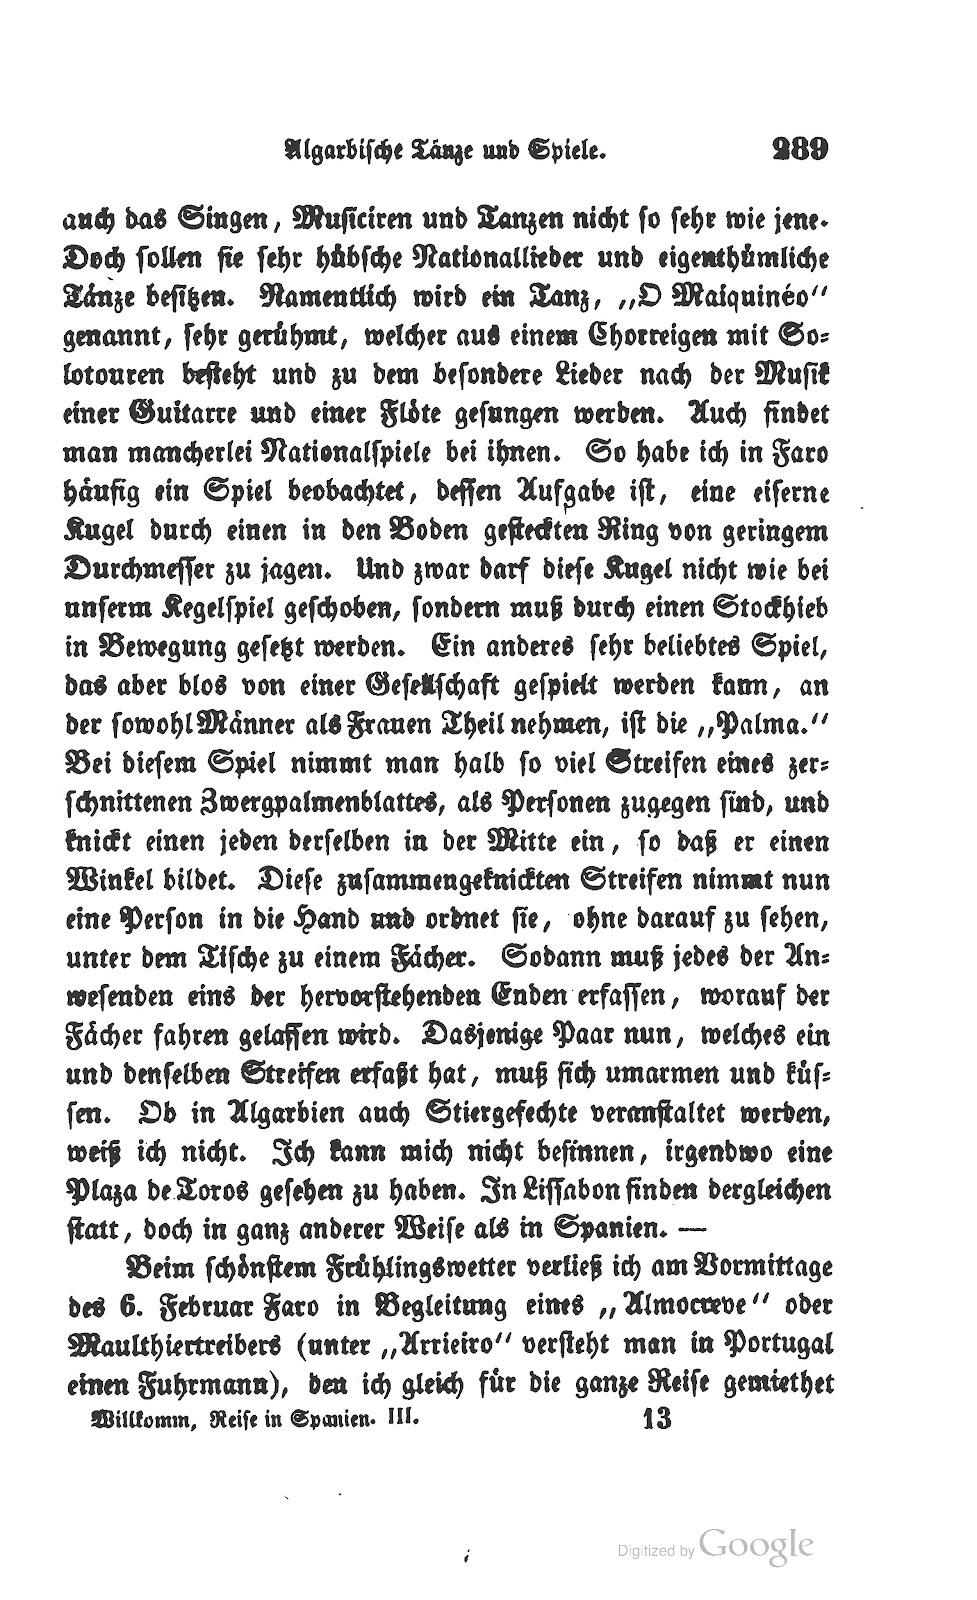 WIllkomm - 10. Kapitel Pages from Zwei_Jahre_in_Spanien_und_Portugal(3)_Page_31.jpg